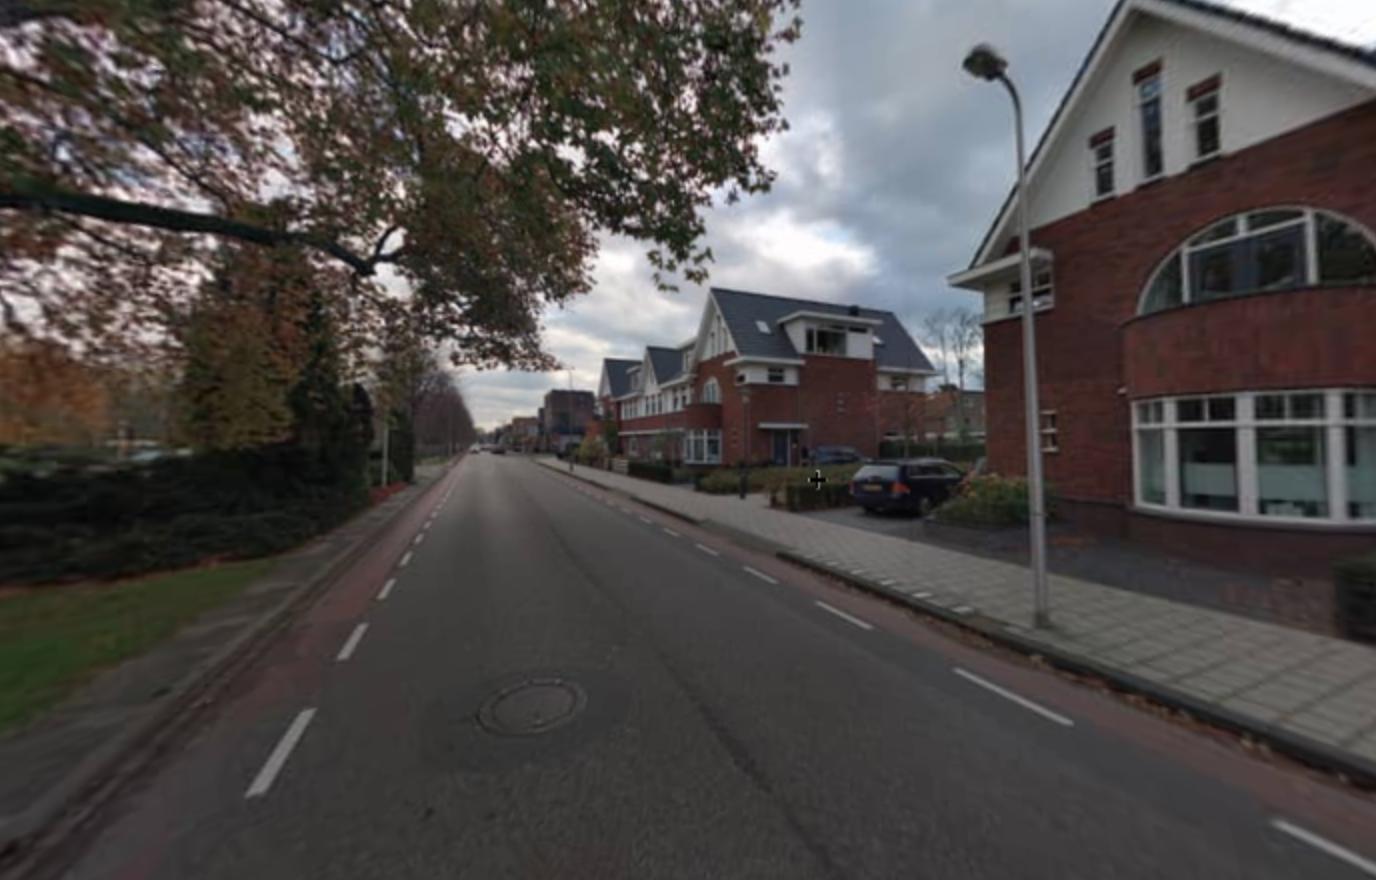 Bennebroekerlaan in Bennebroek krijgt een opknapbeurt: weg wordt iets breder en moet veiliger worden voor fietsers